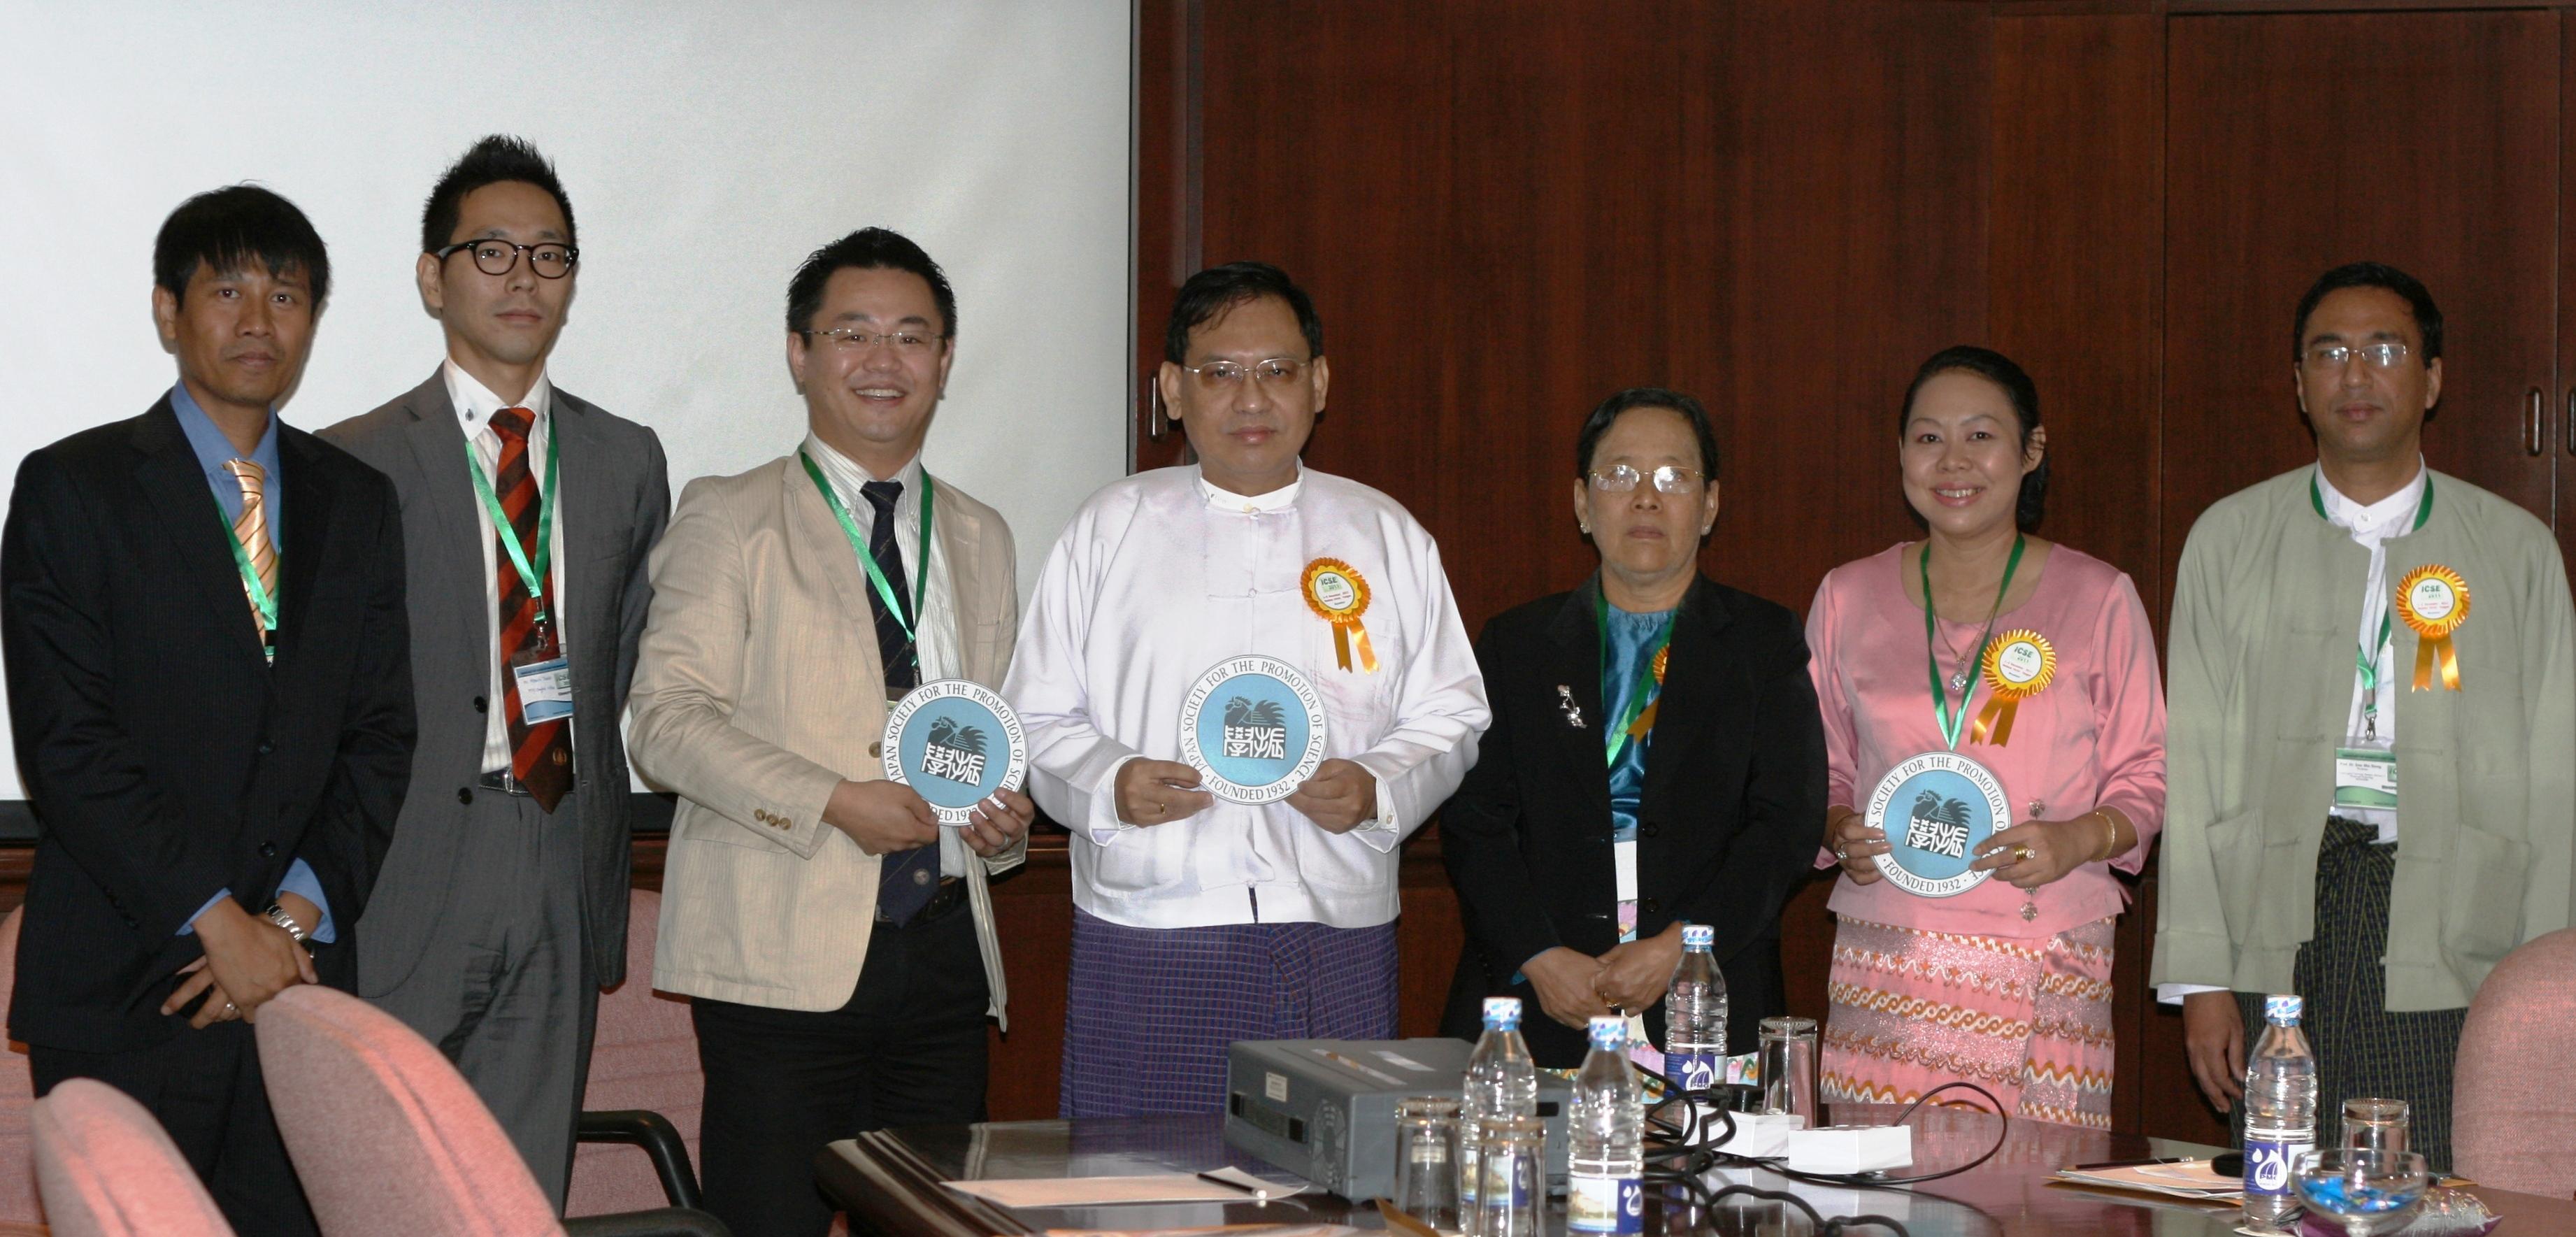 左からDr. Kyaw Sann Oo, 副センター長, センター長, H. E. Dr. Ko Ko Oo, Prof. Dr. Mya Mya Oo, Prof. Dr. Thingi, Prof. Dr. Zaw Min Naing